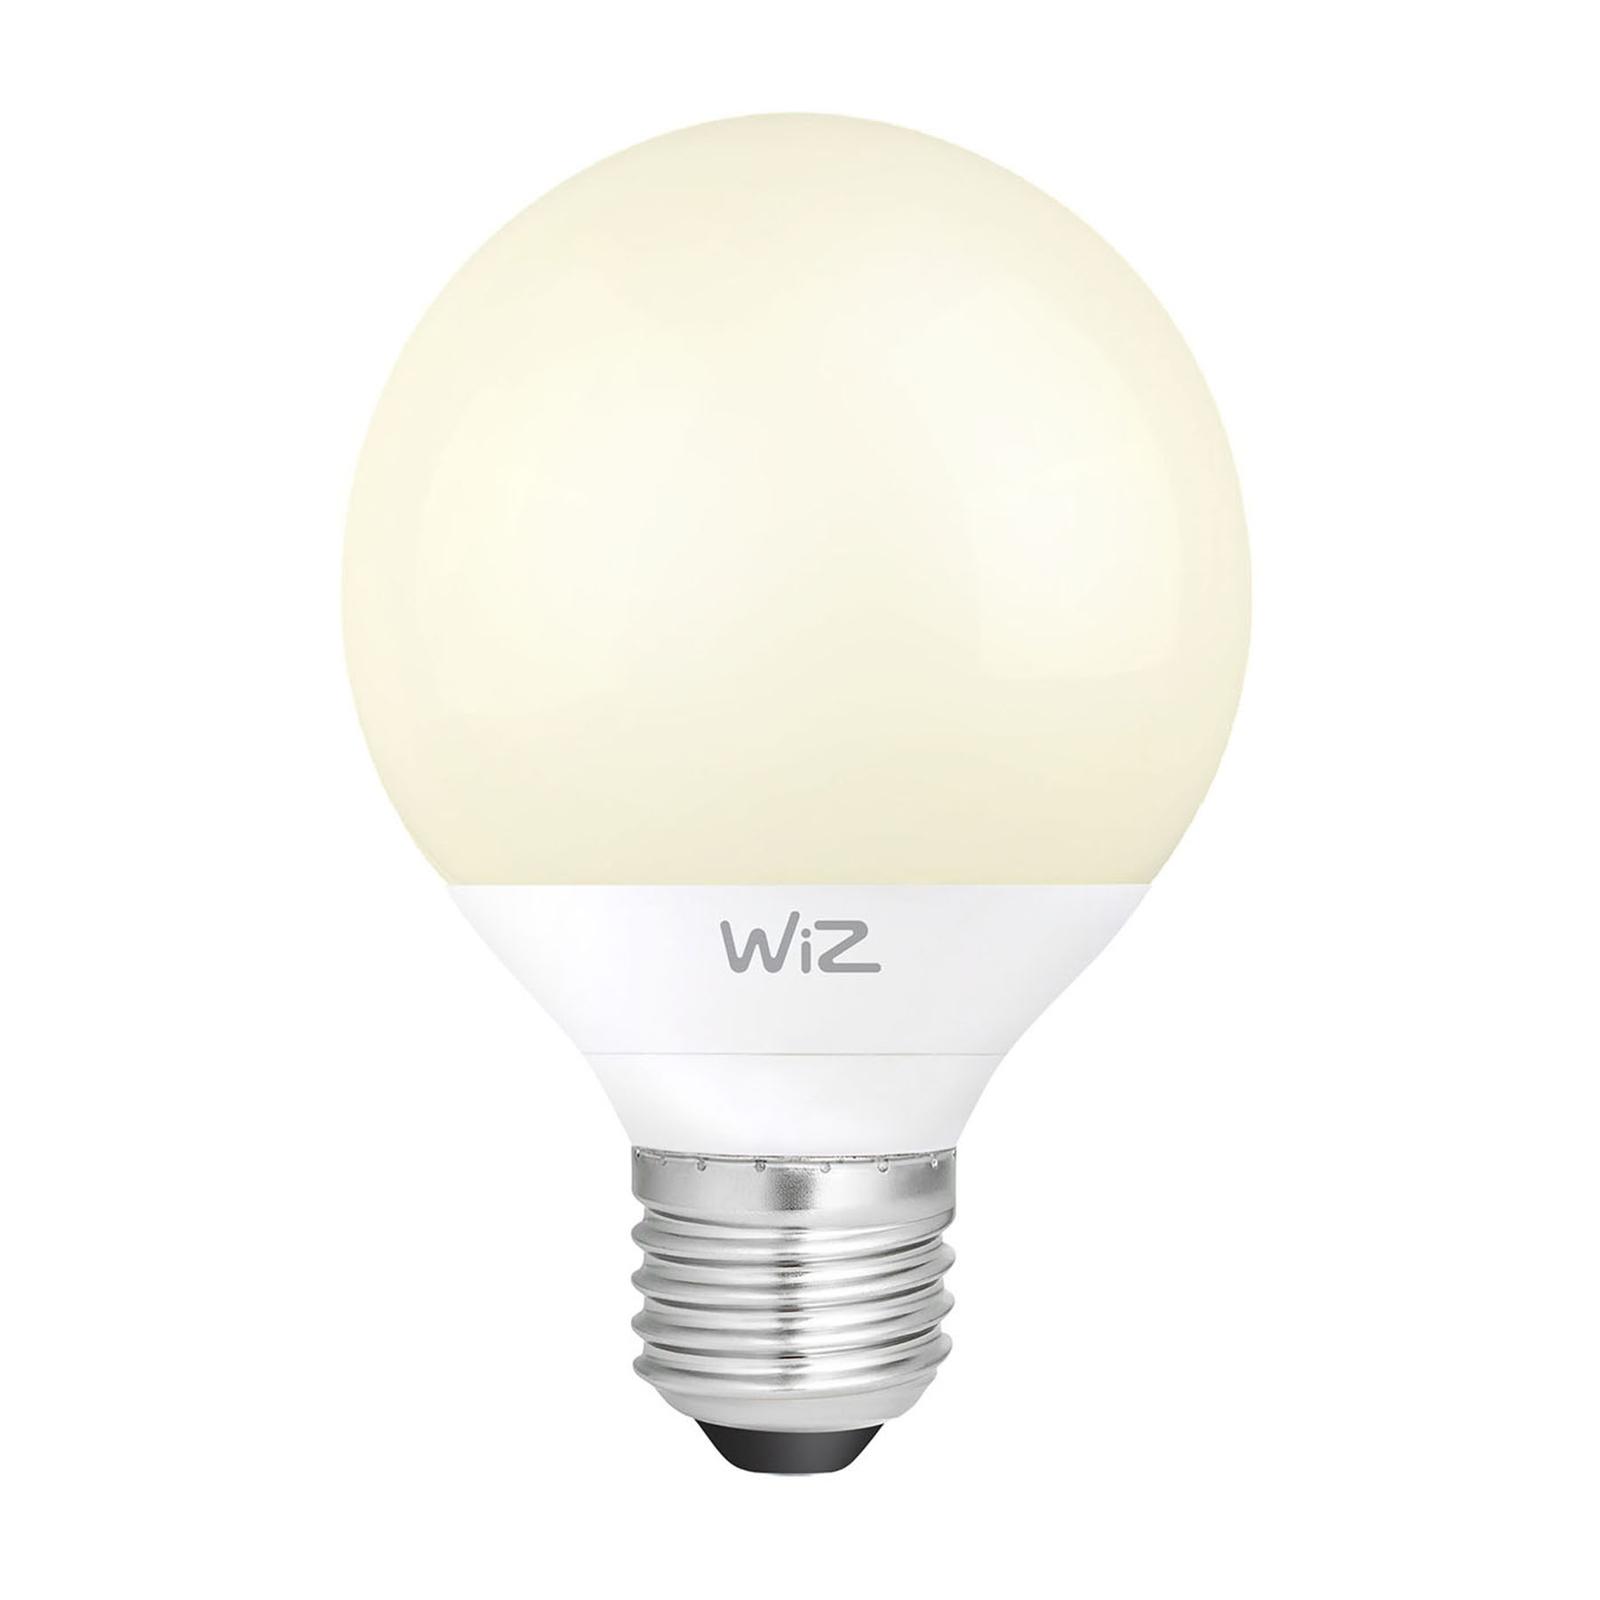 WiZ E27 żarówka LED globe G95 matowa 12W 2700K